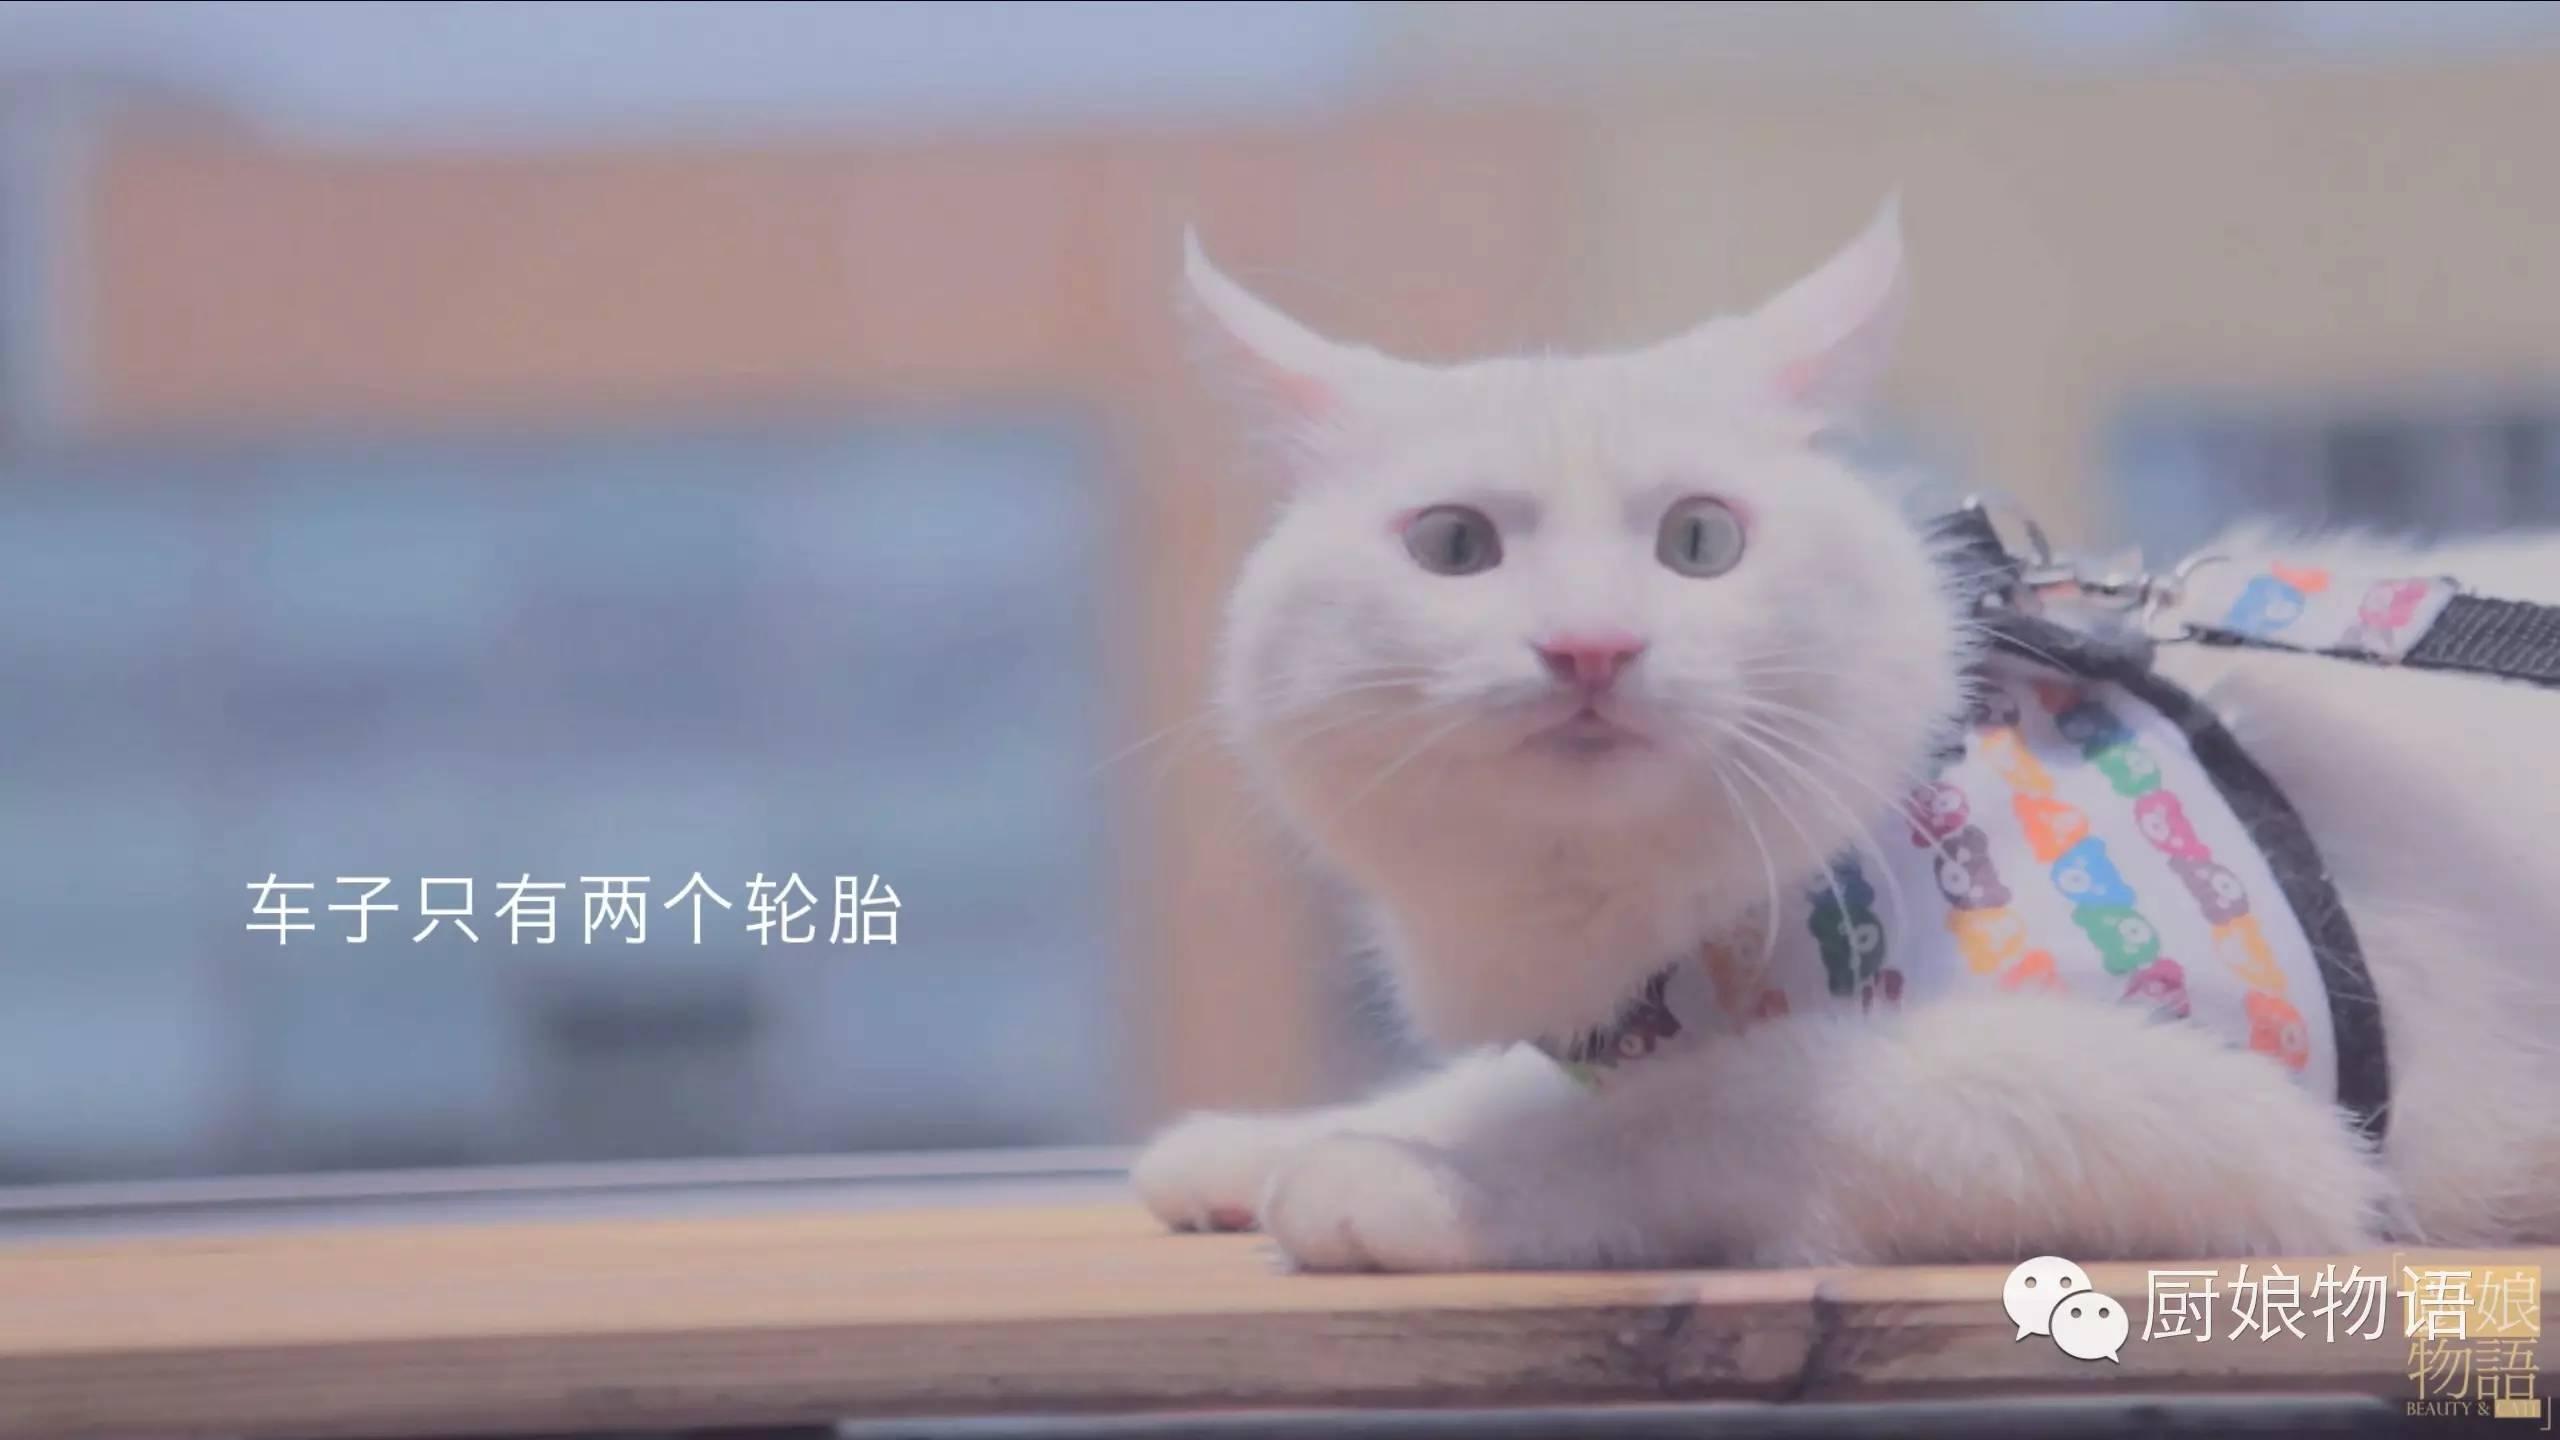 壁纸 动物 猫 猫咪 小猫 桌面 2560_1440图片